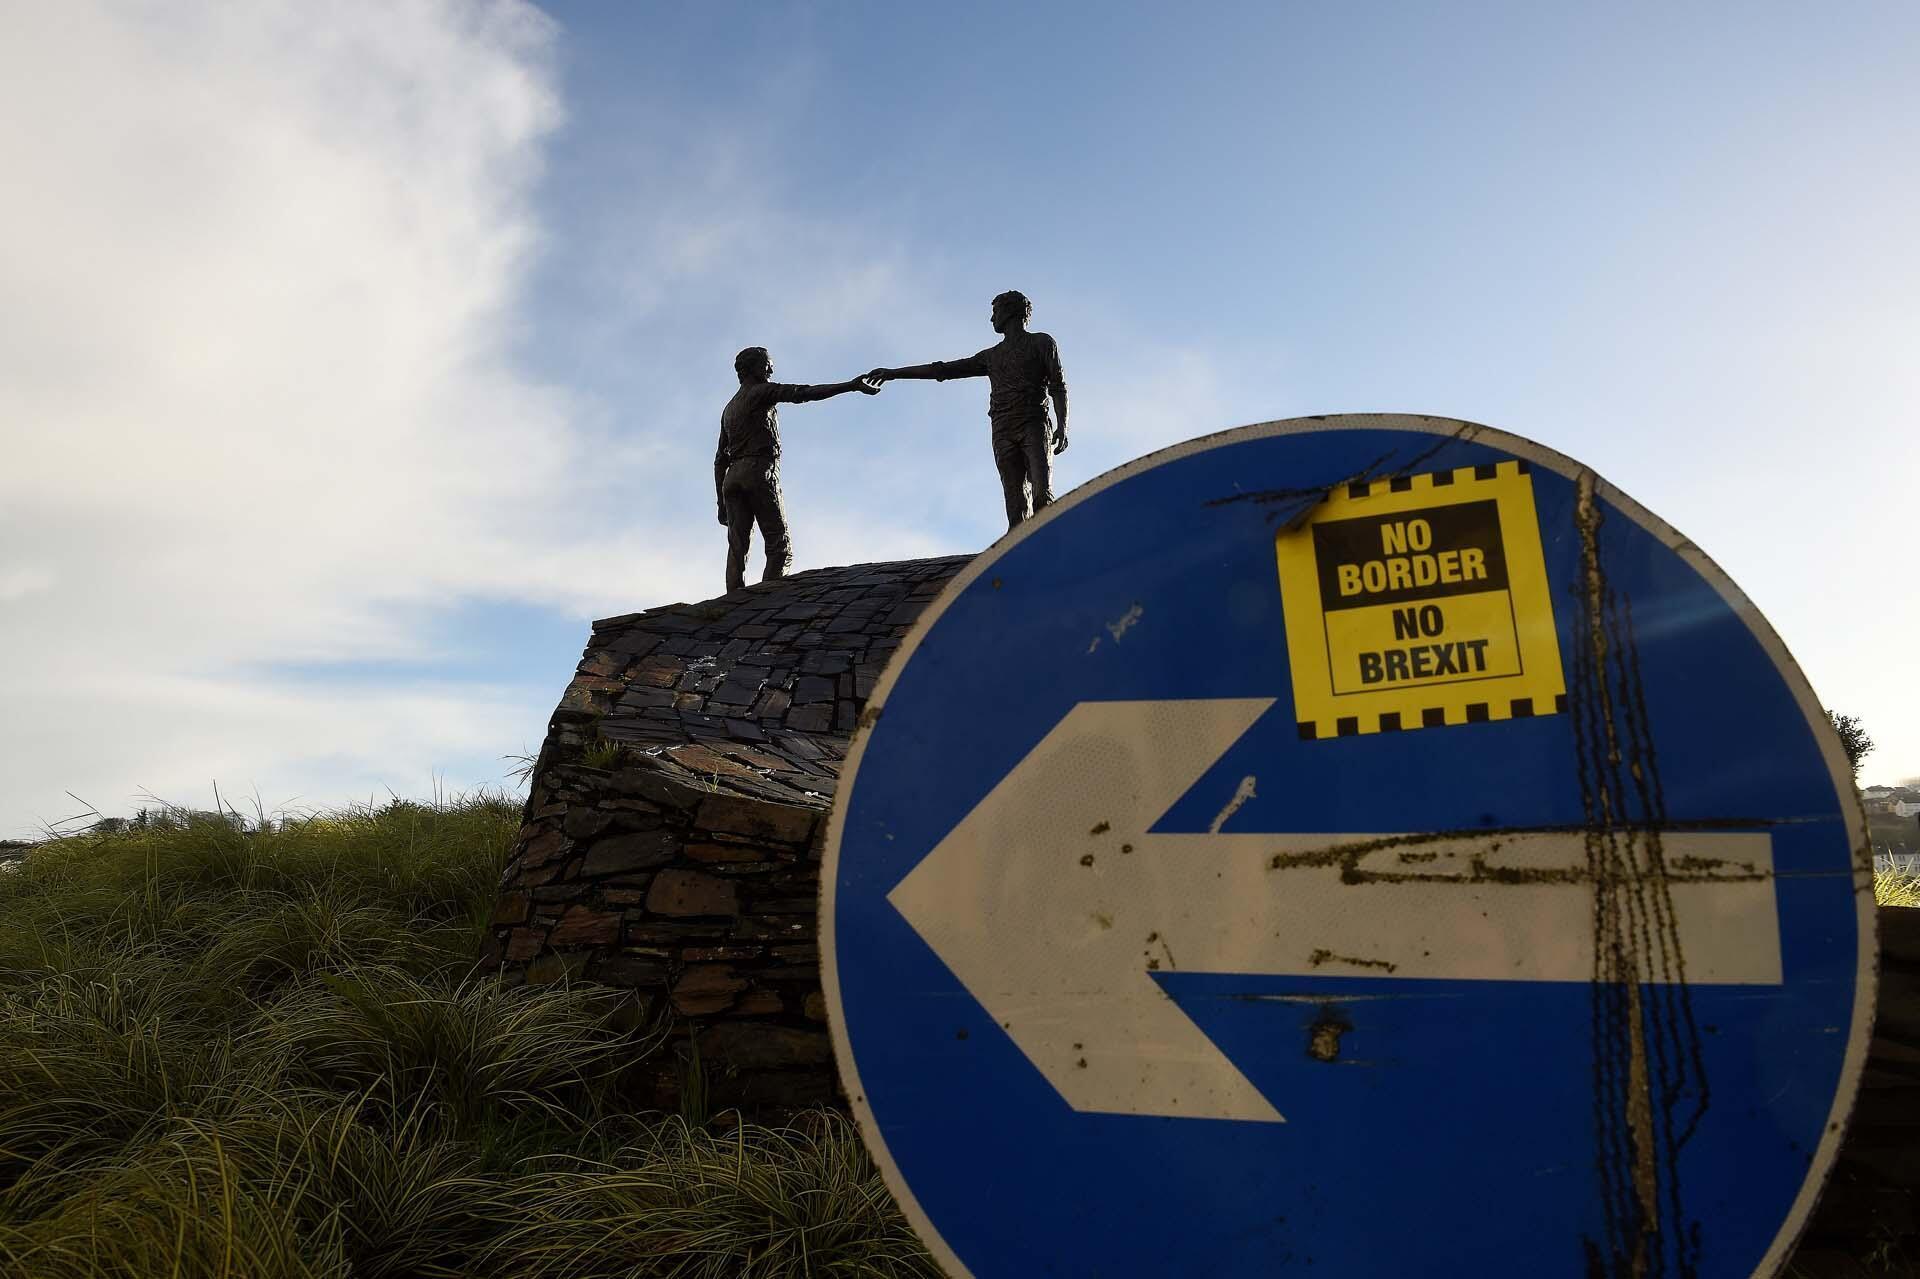 Le slogan «No Border, No Brexit», «Pas de frontière, pas de Brexit» sur un panneau de signalisation devant la statue de la paix «Les mains du fossé» à Londonderry, en Irlande du Nord.